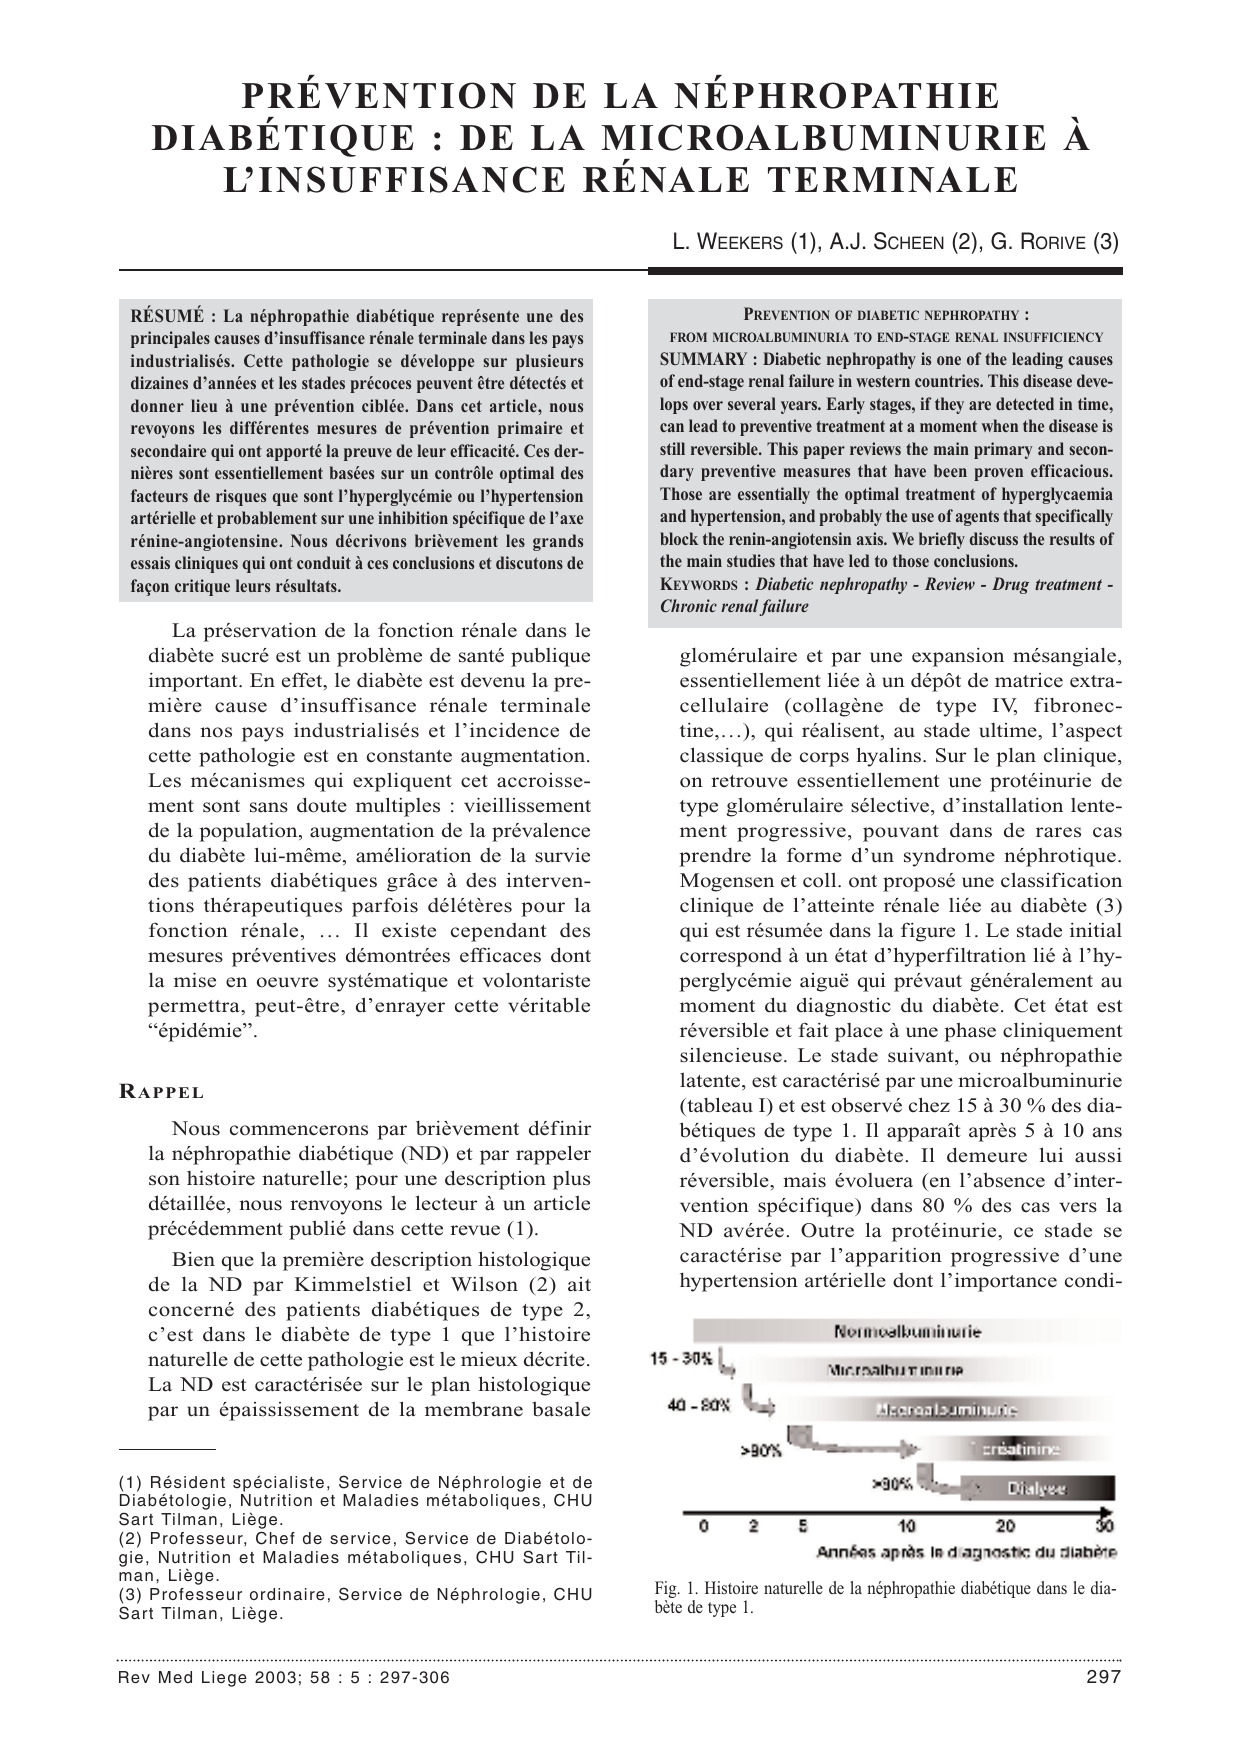 nephropathie diabetes mellitus